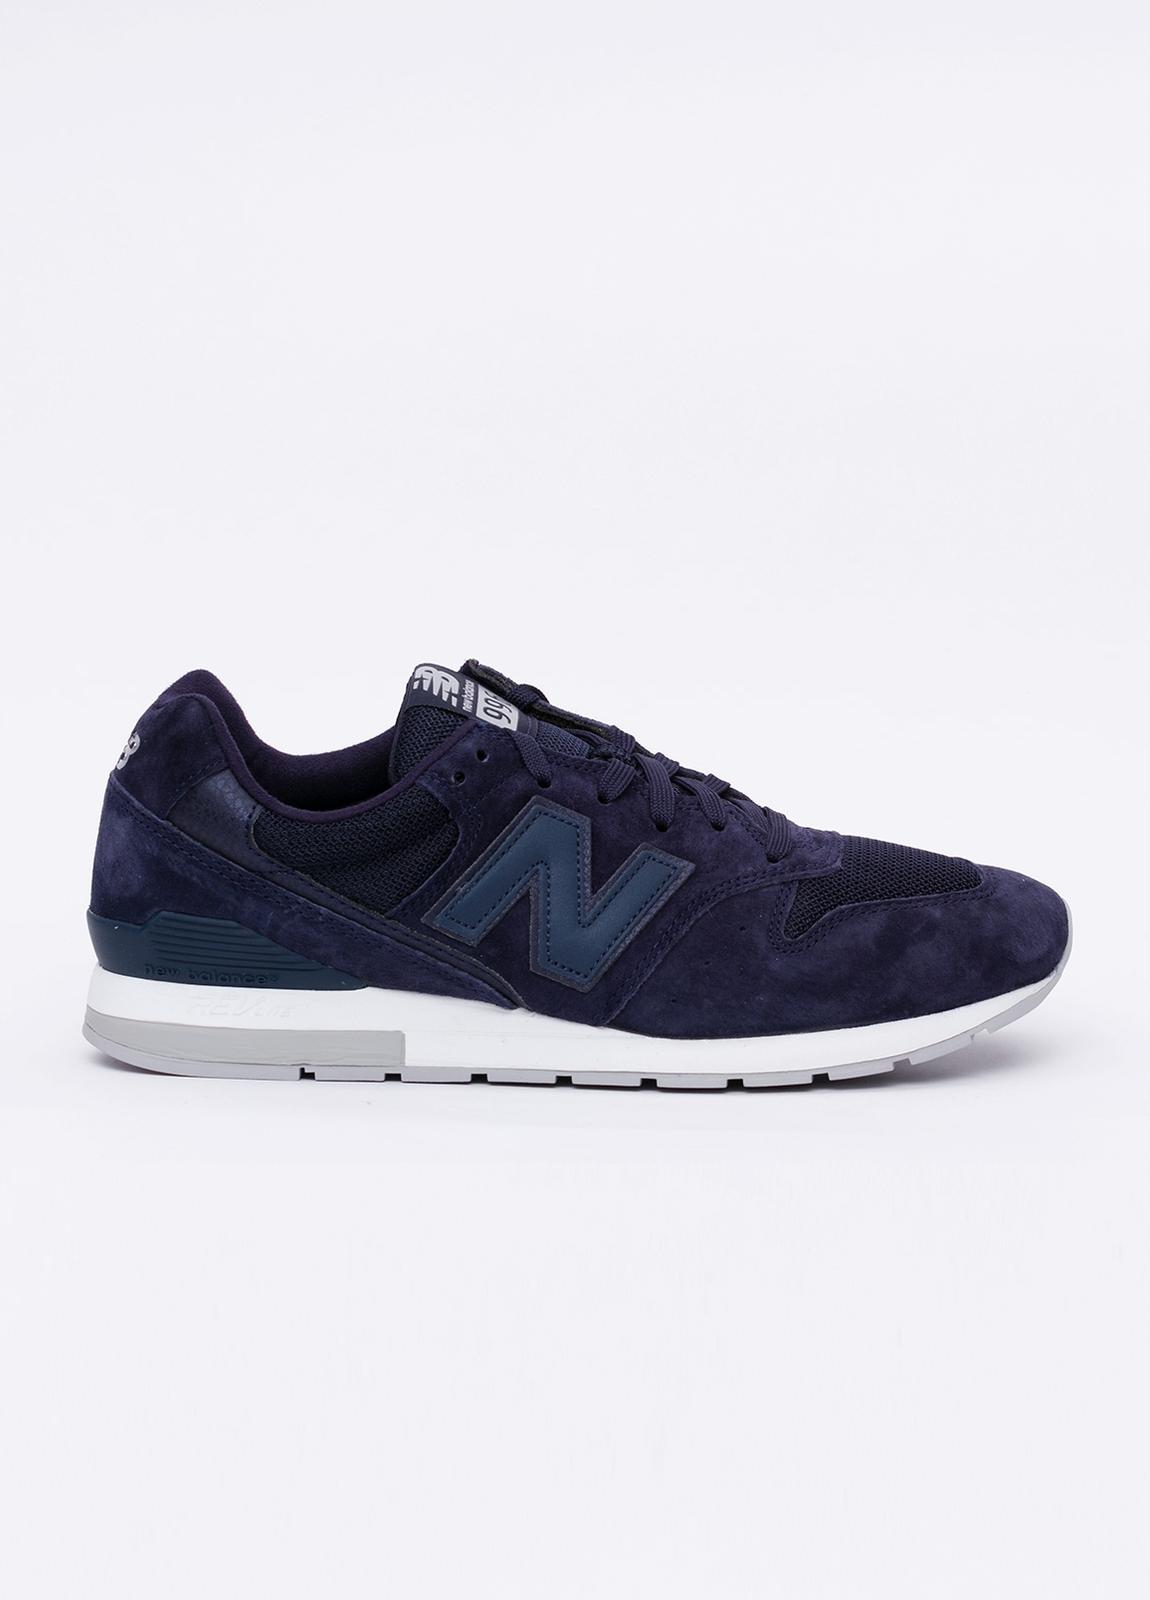 Sneaker MRL996 color azul marino. Combinación de serraje, tejido técnico y detalles en piel.